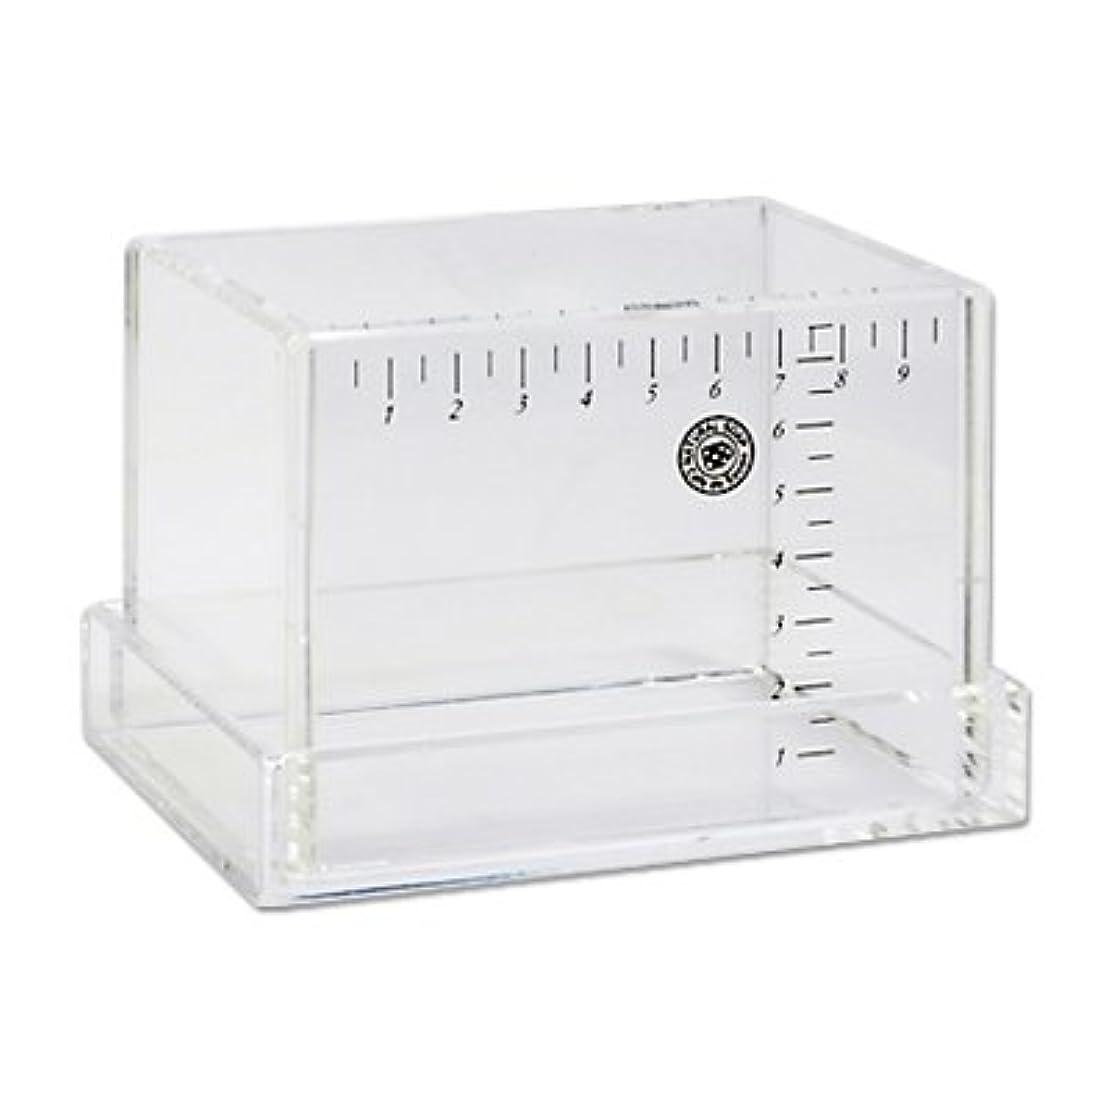 ミリメートル幾何学勃起手作り石鹸用アクリルモールド ミルク・ハーフタイプセット[押出板無し] 【ソープモールド/手作り石けん/アクリル/型】